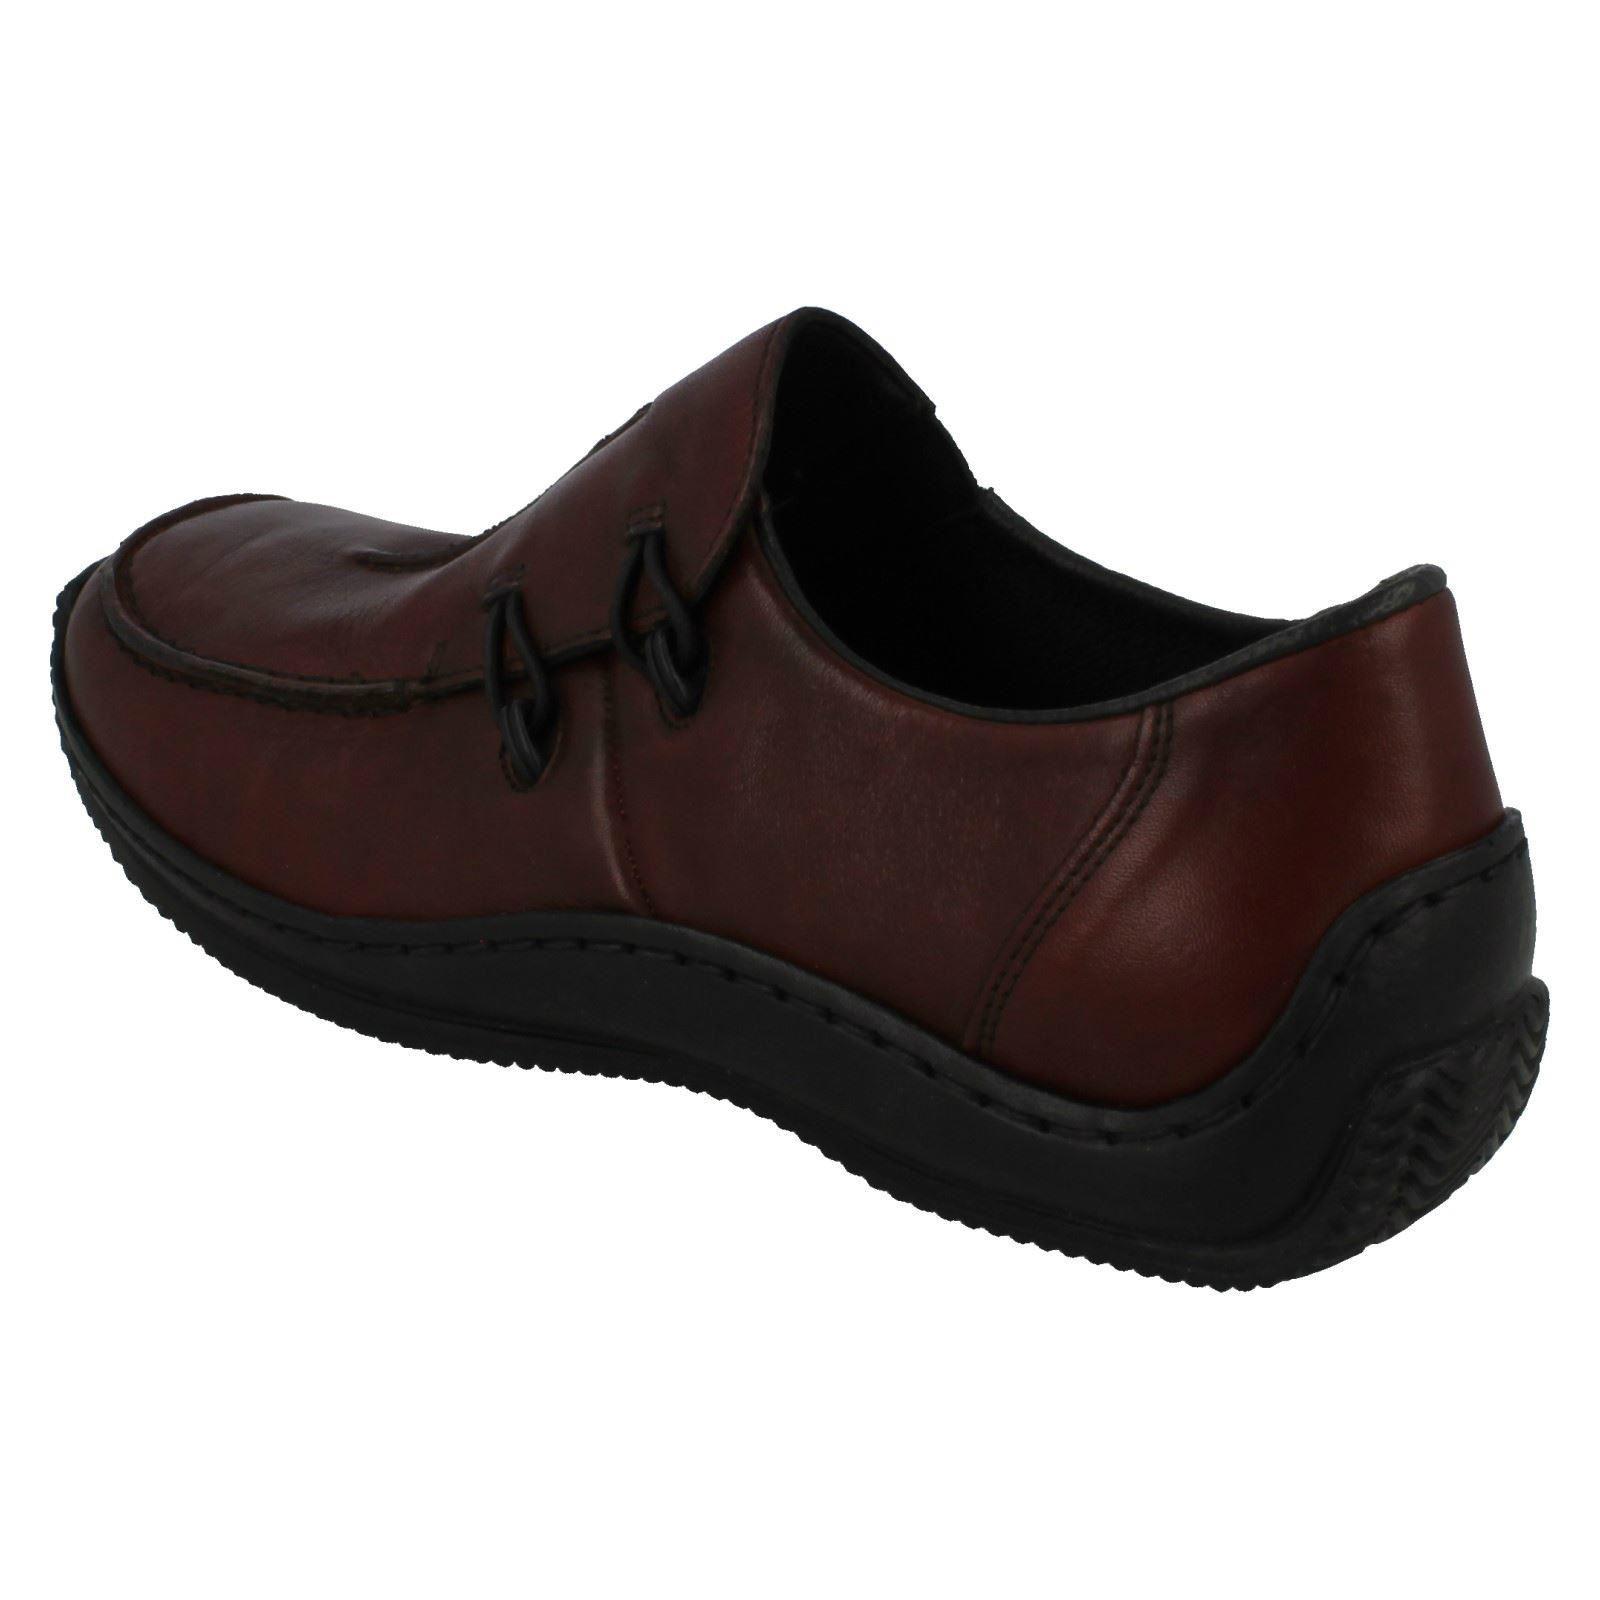 Plates L1751 Chaussures Détails Sur Rieker Femmes v8nwmN0